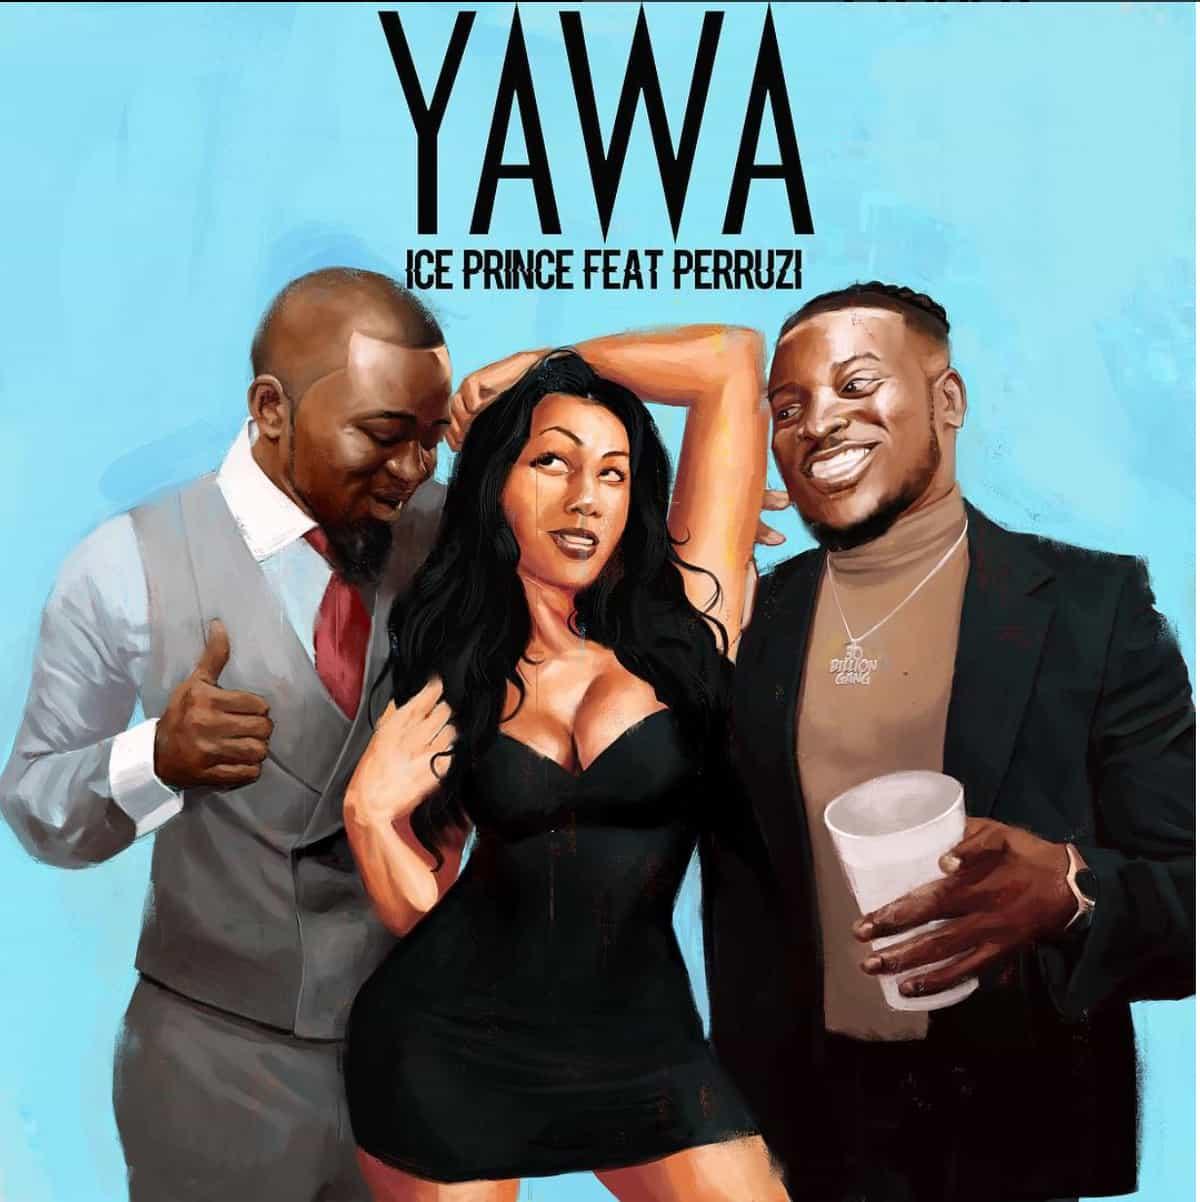 Ice Prince 'Yawa' feat. Peruzzi